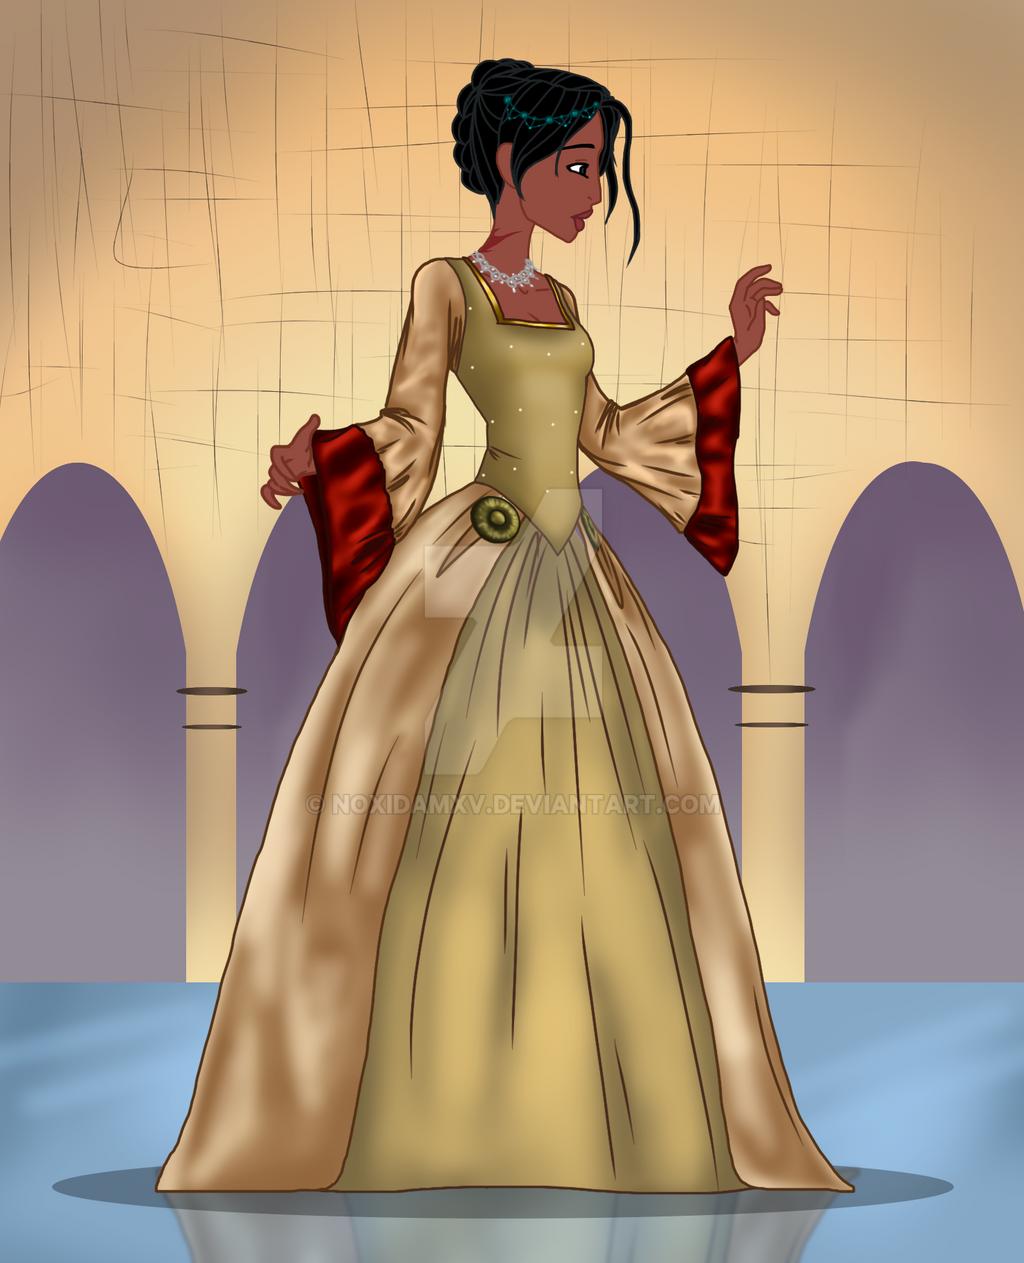 Lavanya in London ball dress by NoxidamXV